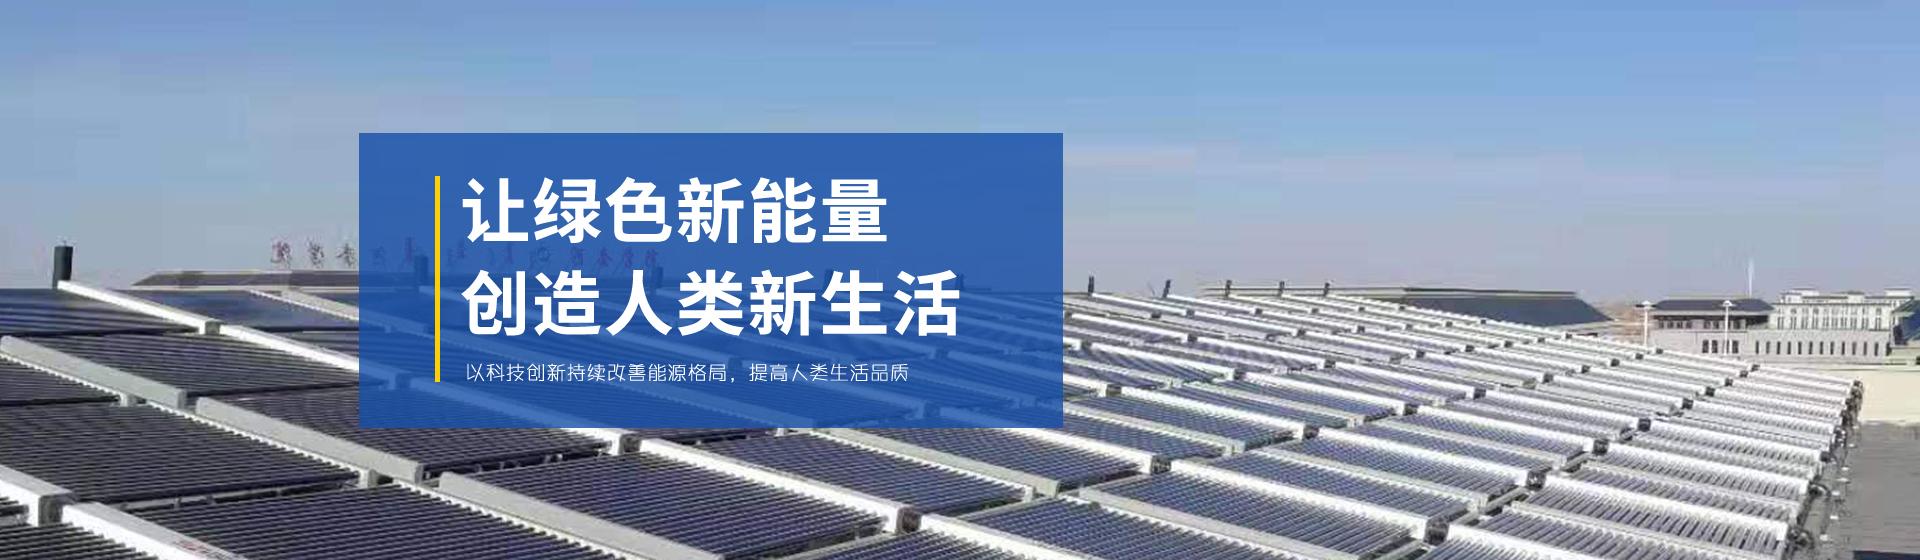 呼市太阳能热水系统